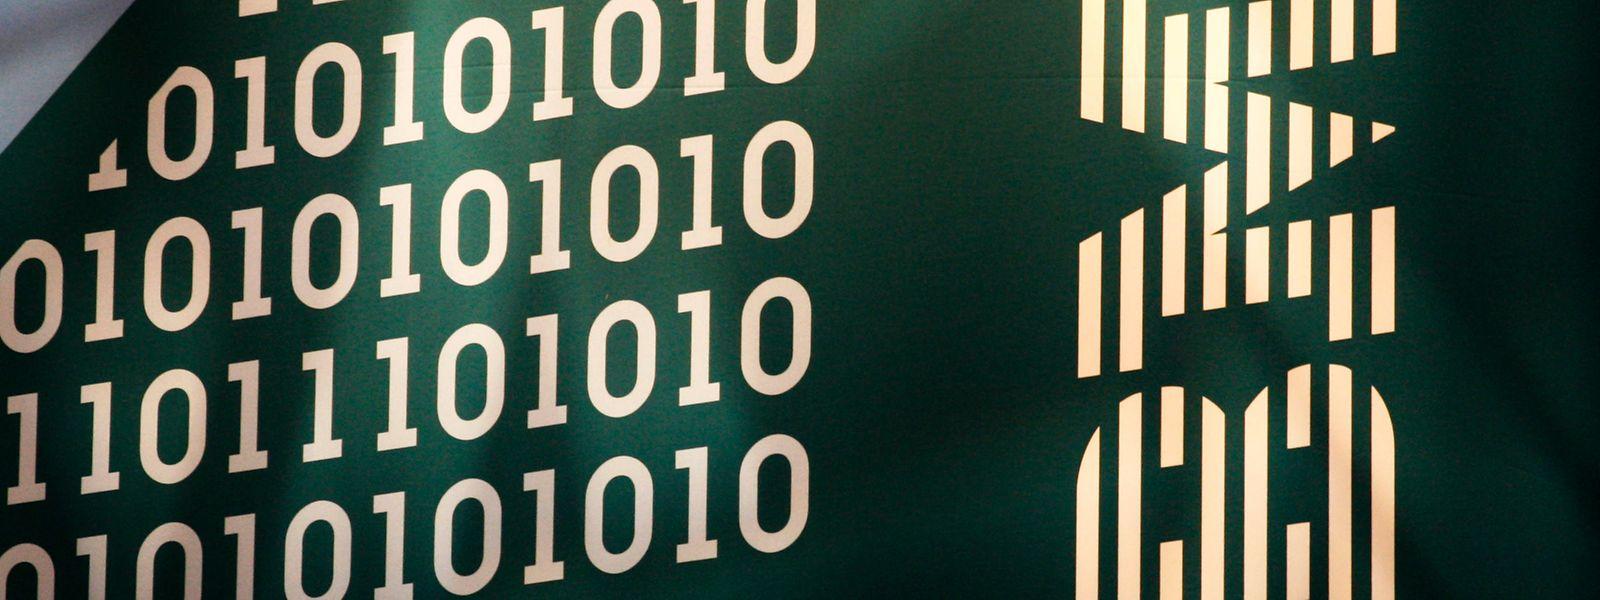 Laut LCGB beschäftigt IBM Luxemburg 313 Mitarbeiter. 38 davon sollen gehen.